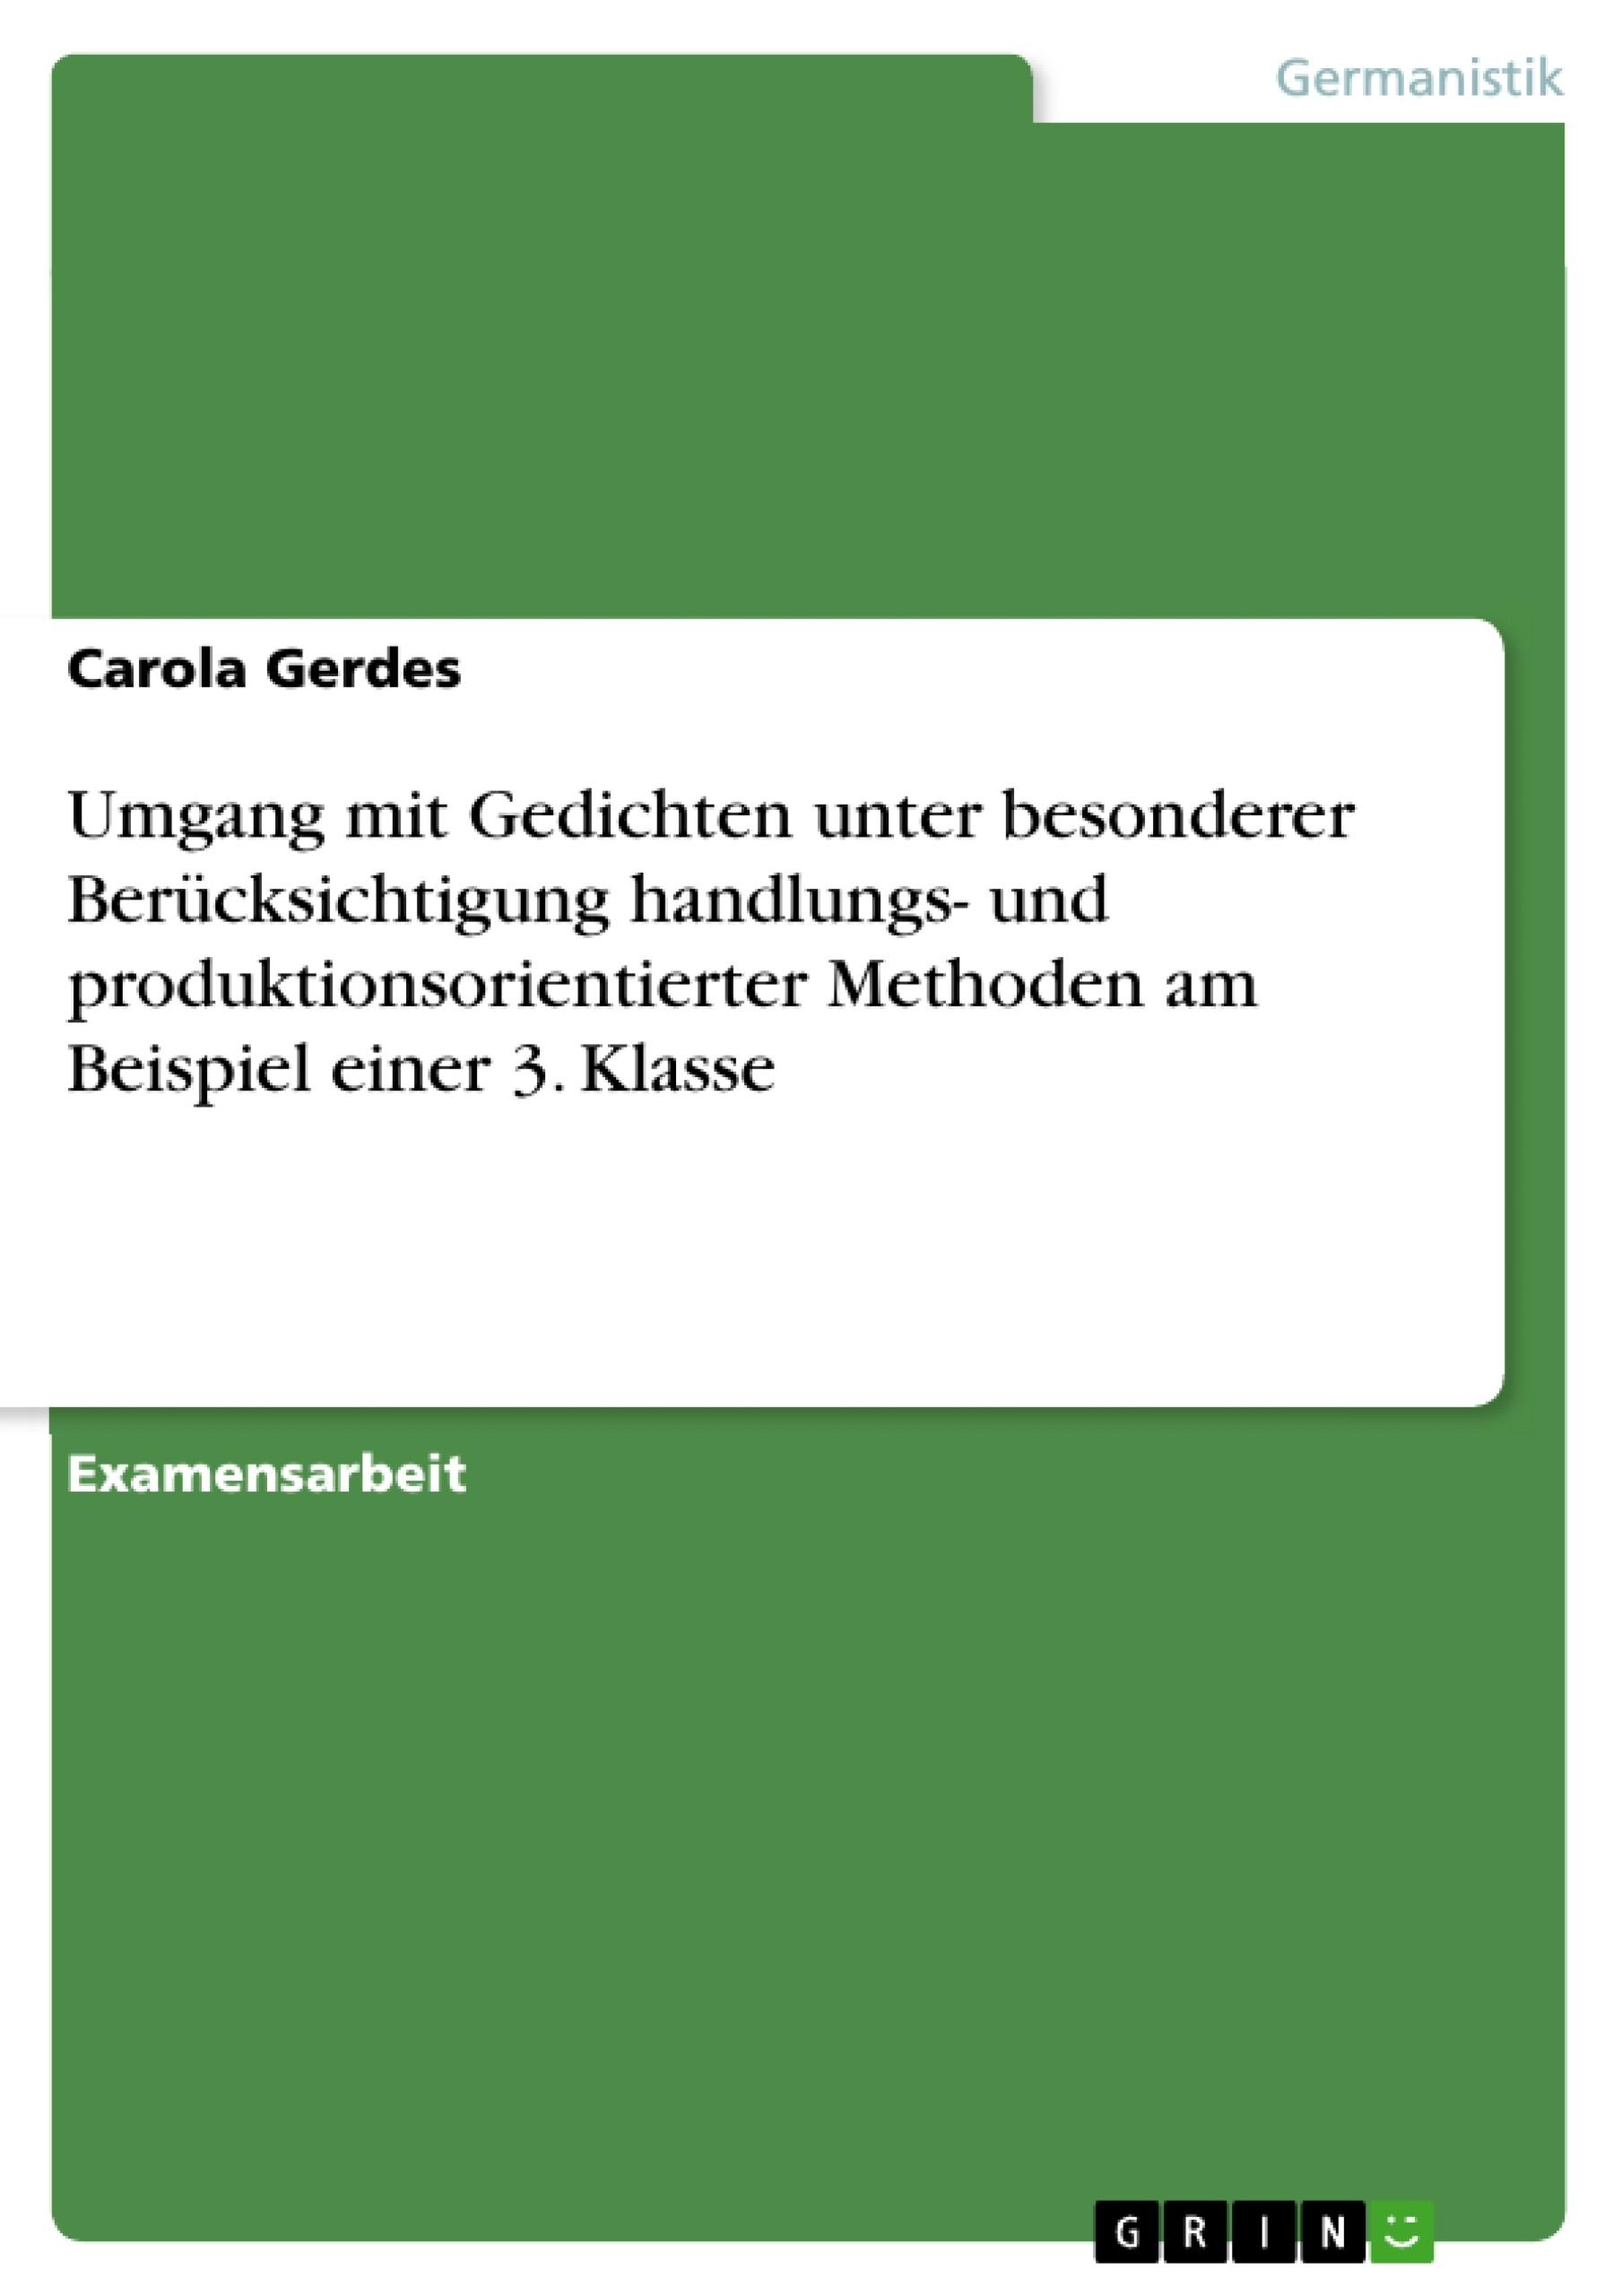 Titel: Umgang mit Gedichten unter besonderer Berücksichtigung handlungs- und produktionsorientierter Methoden am Beispiel einer 3. Klasse